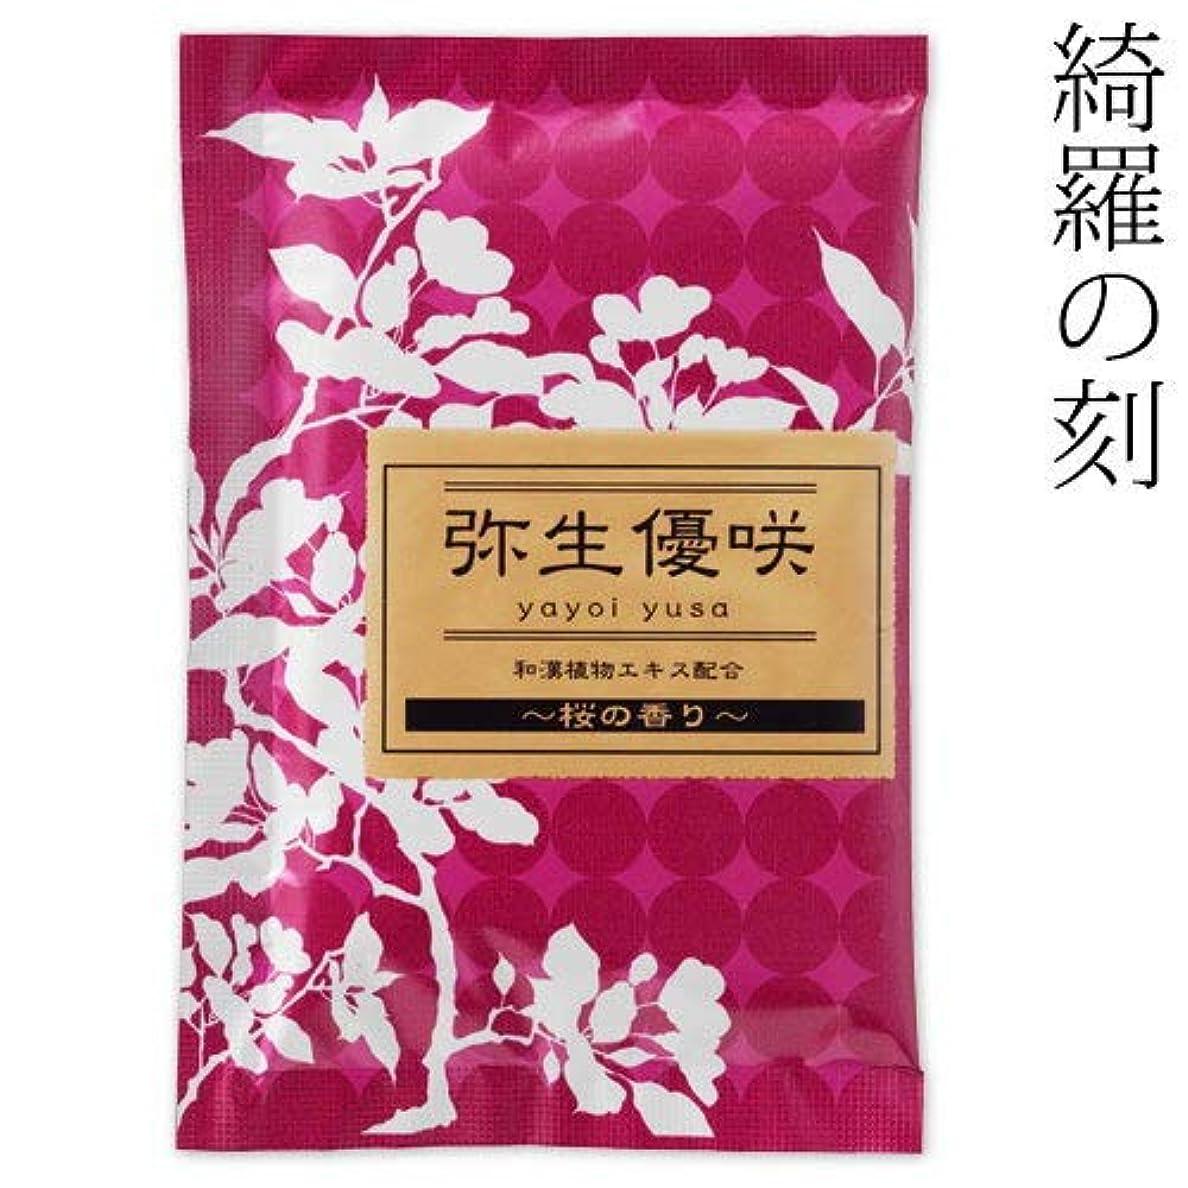 アニメーション知り合いになる異議入浴剤綺羅の刻桜の香り弥生優咲1包石川県のお風呂グッズBath additive, Ishikawa craft